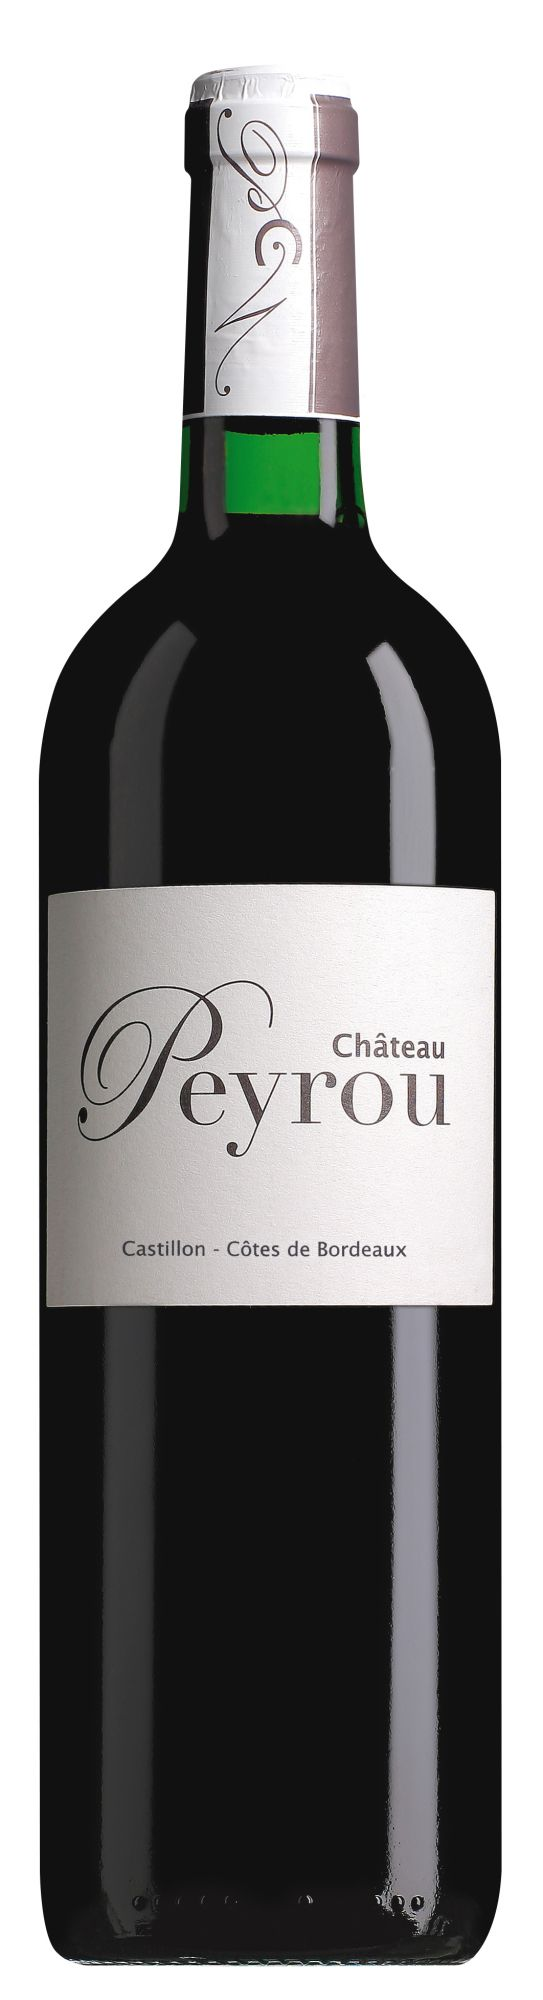 Château Peyrou Castillon Côtes de Bordeaux